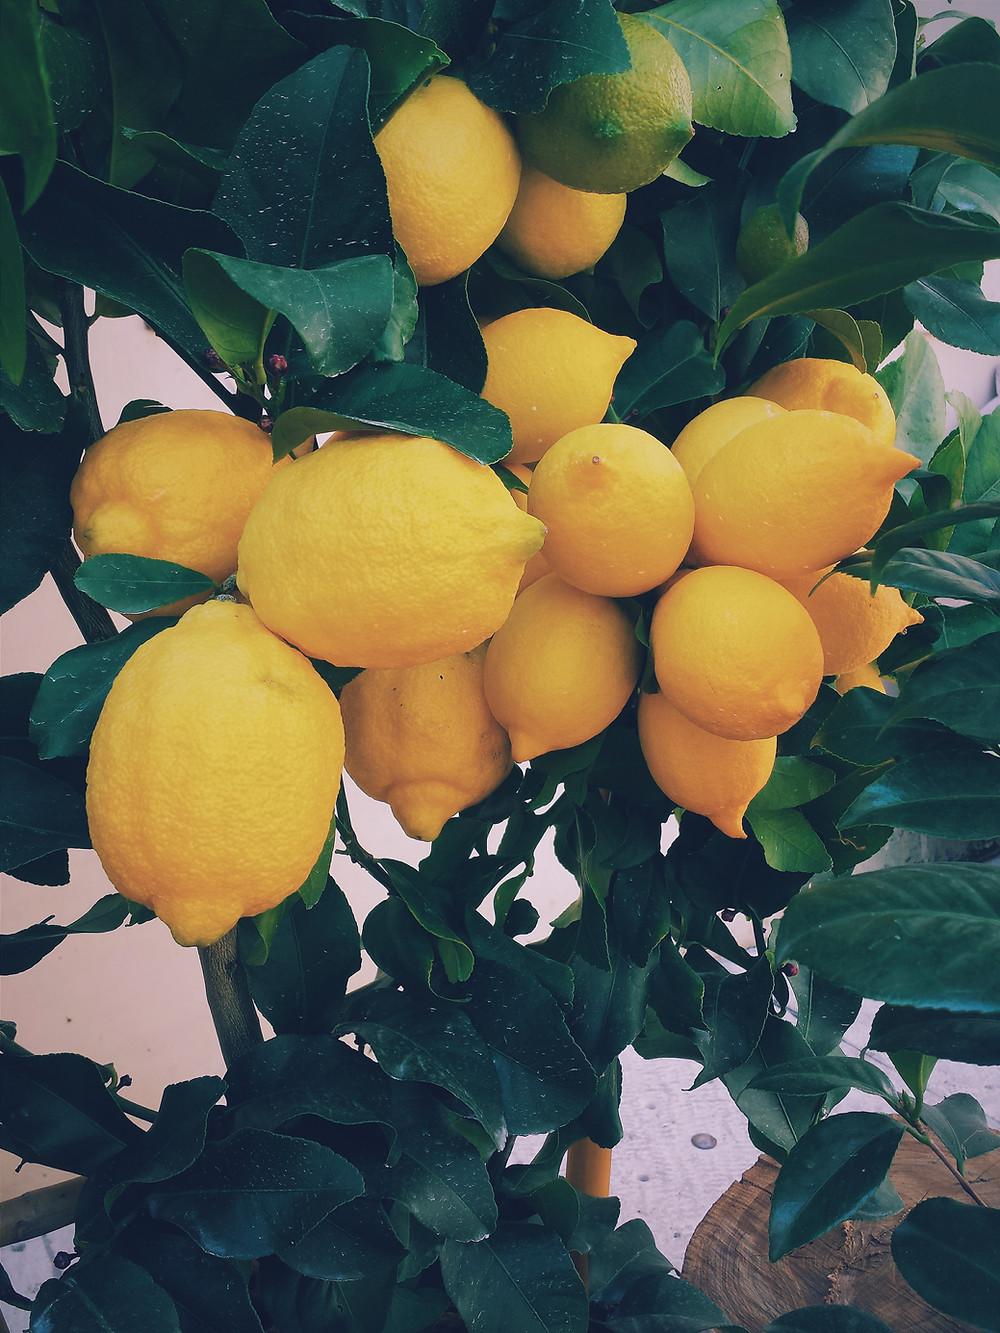 citral terpenes found in lemons